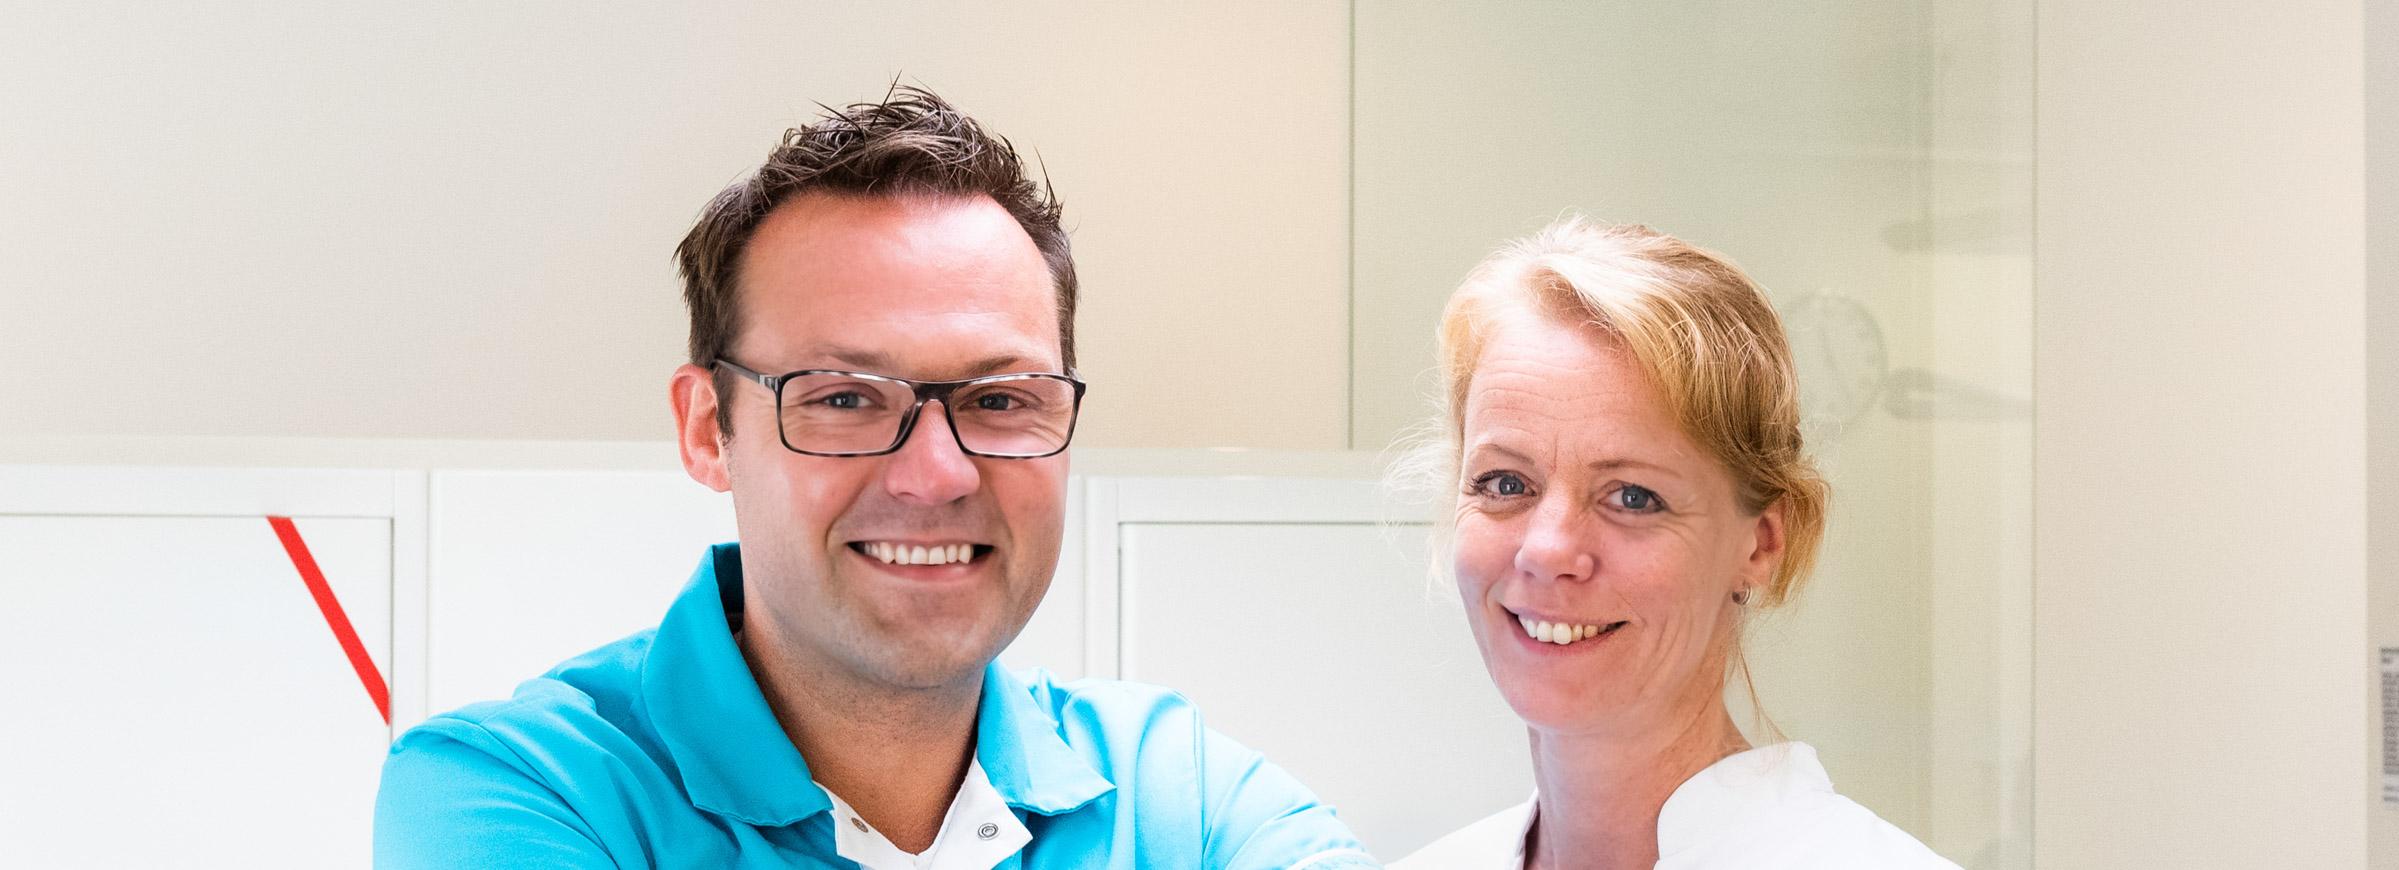 20190919 Hoflaan tandartsen 4559